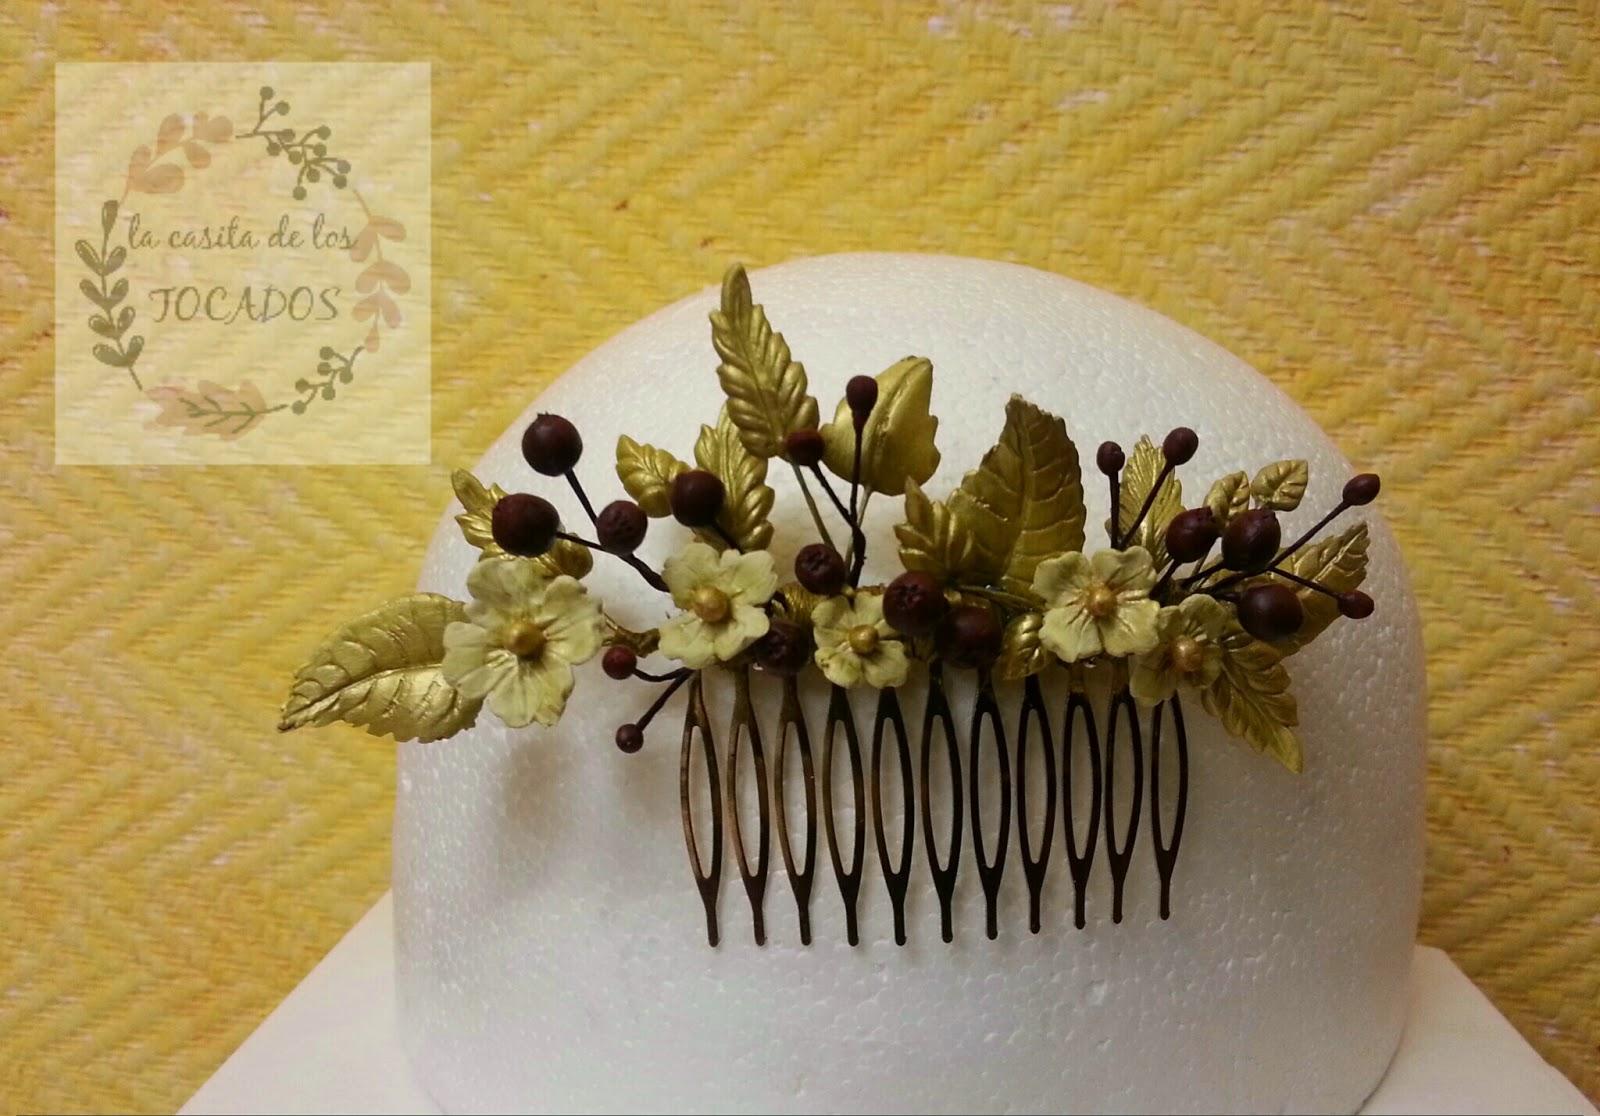 peineta para novia o invitada de boda con hojas, y flores pequeñas en dorado, y frutos rojos en color vino